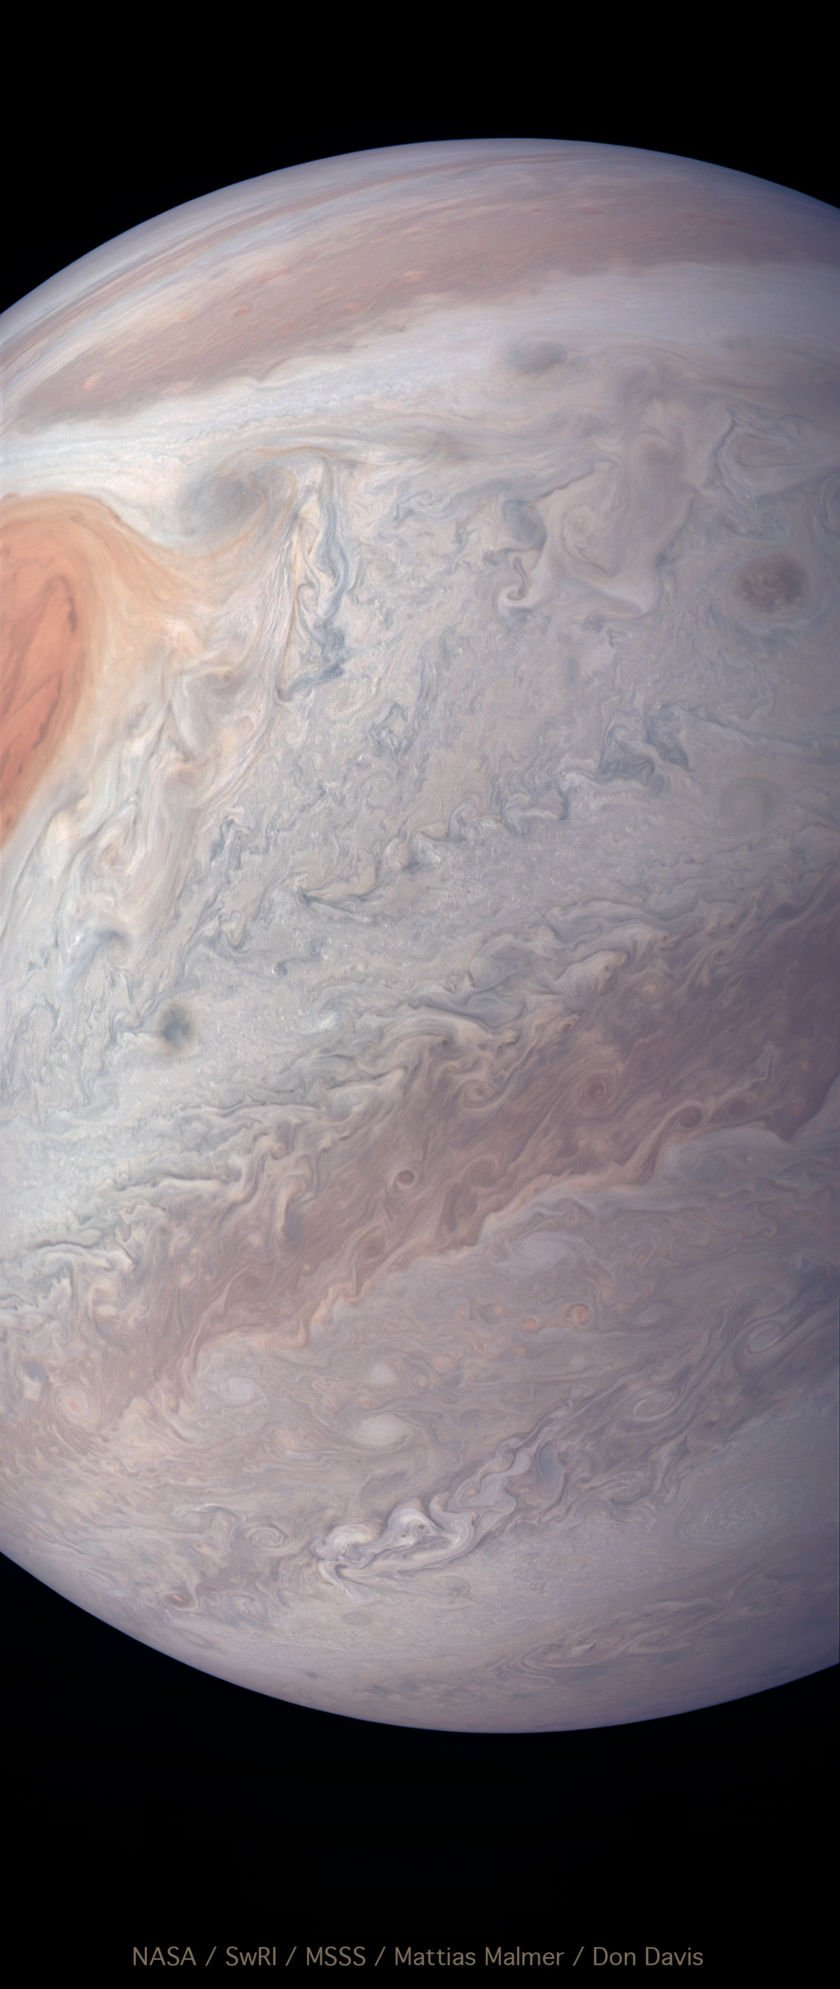 Juno perijove 12 pass in natural color